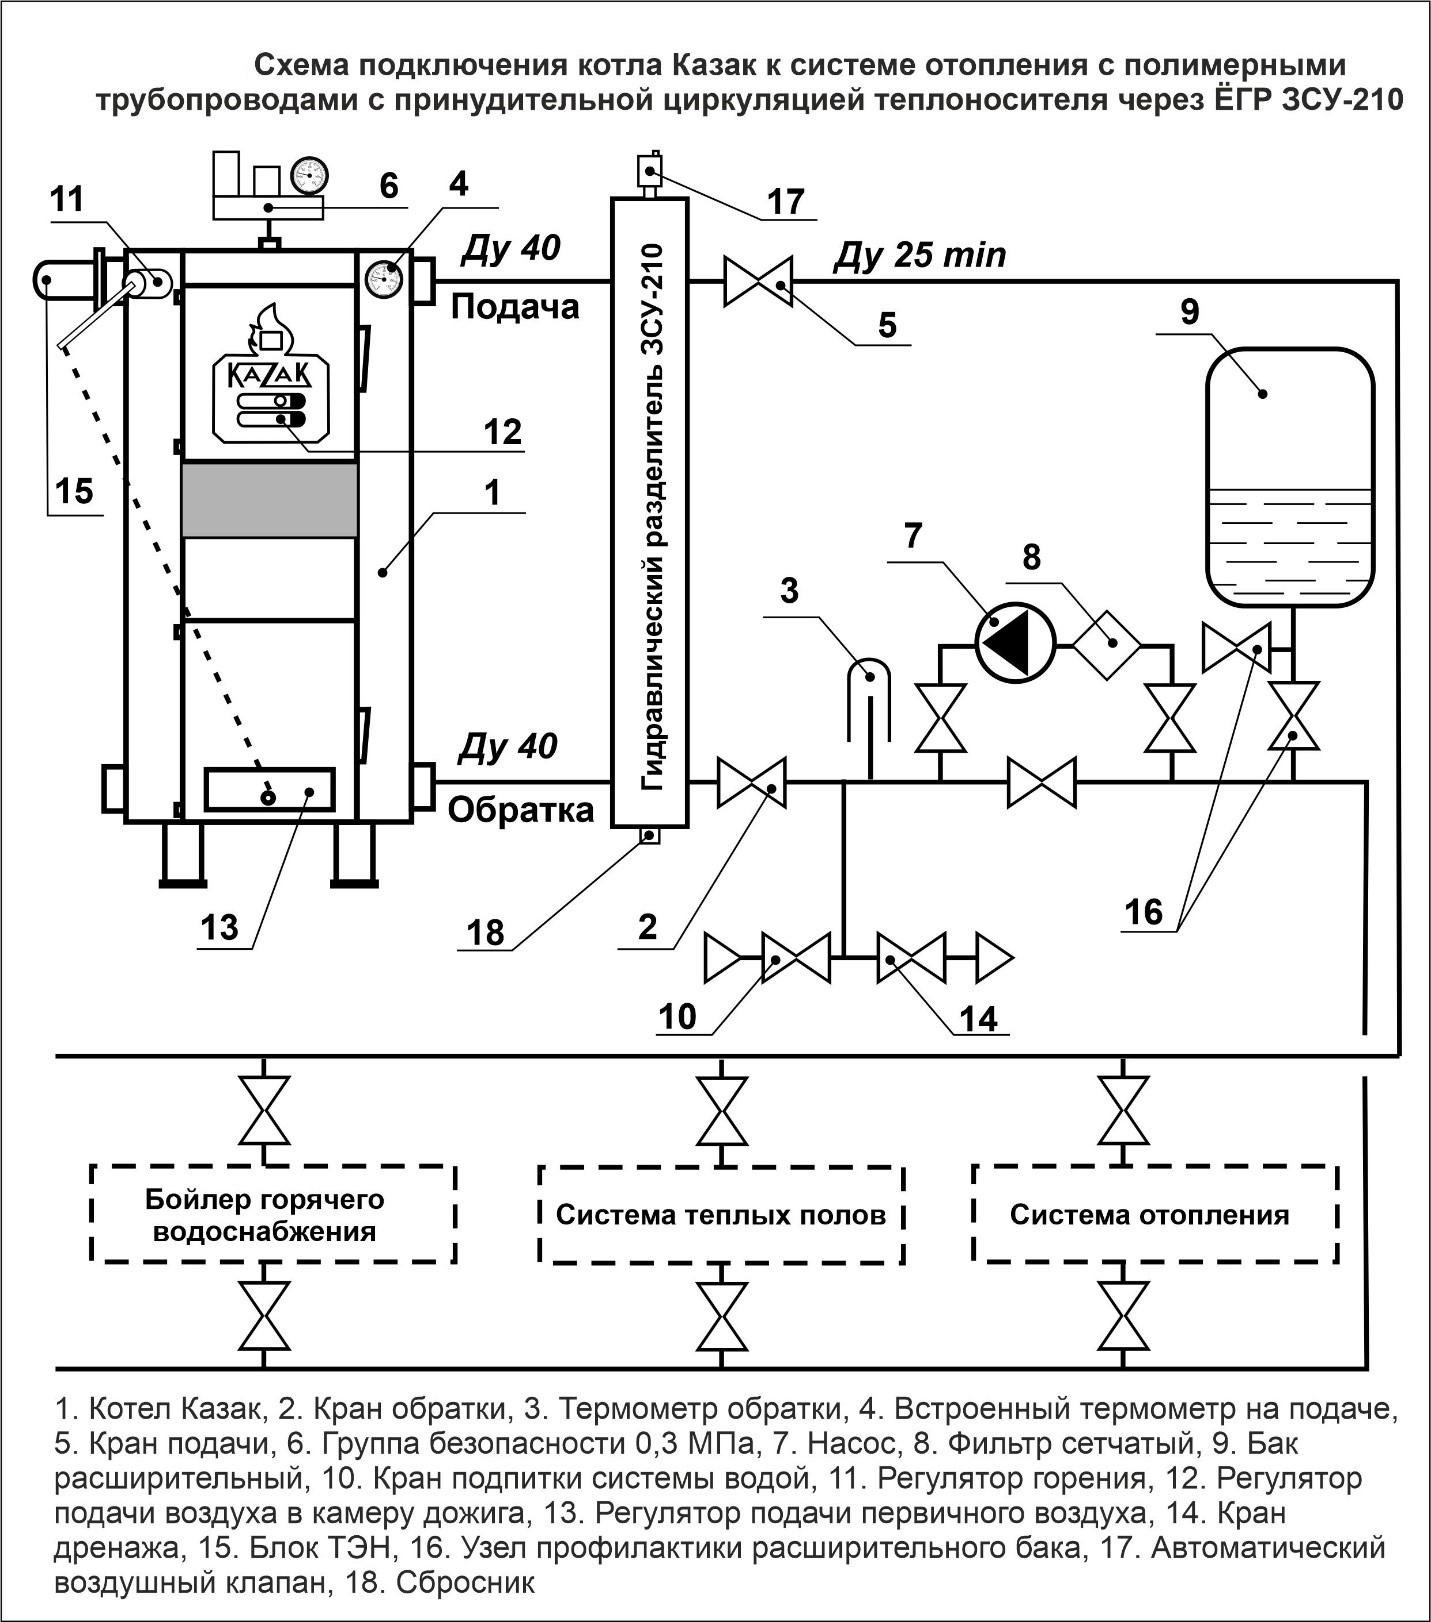 Cхема подключения котла Казак к системе отопления с полимерными  трубопроводами с принудительной циркуляцией теплоносителя